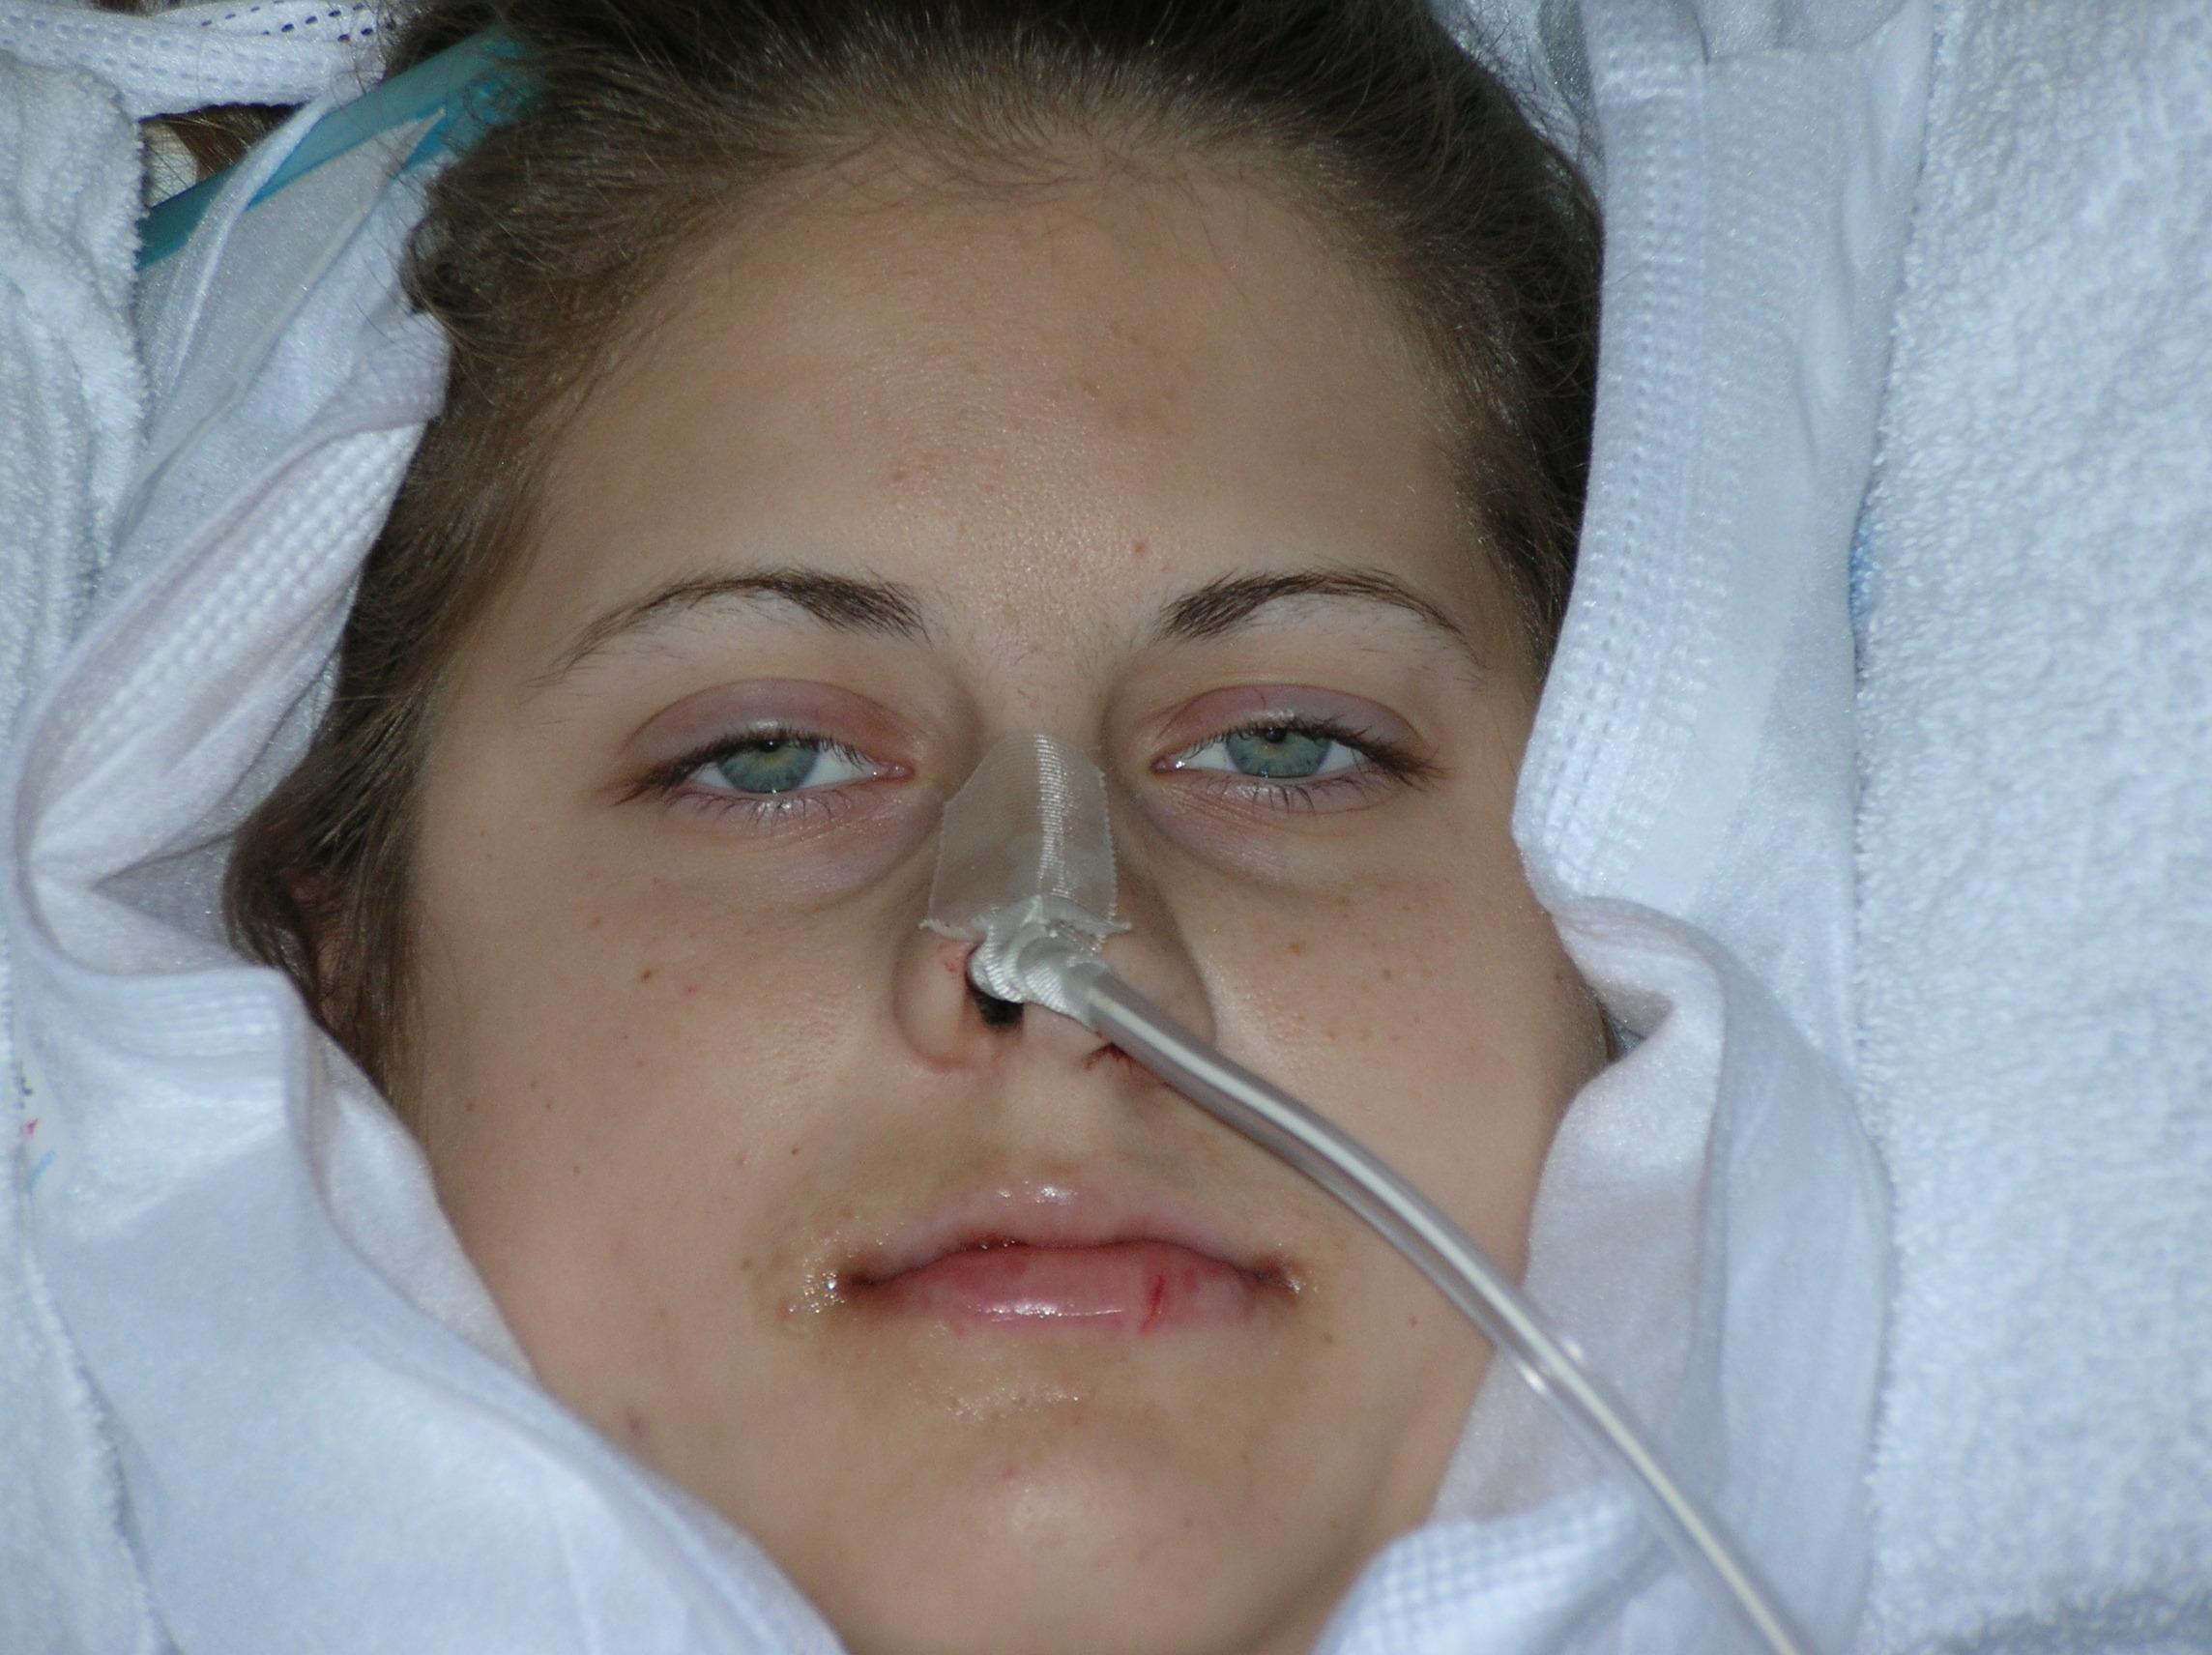 jaw surgery | twentyfifth year